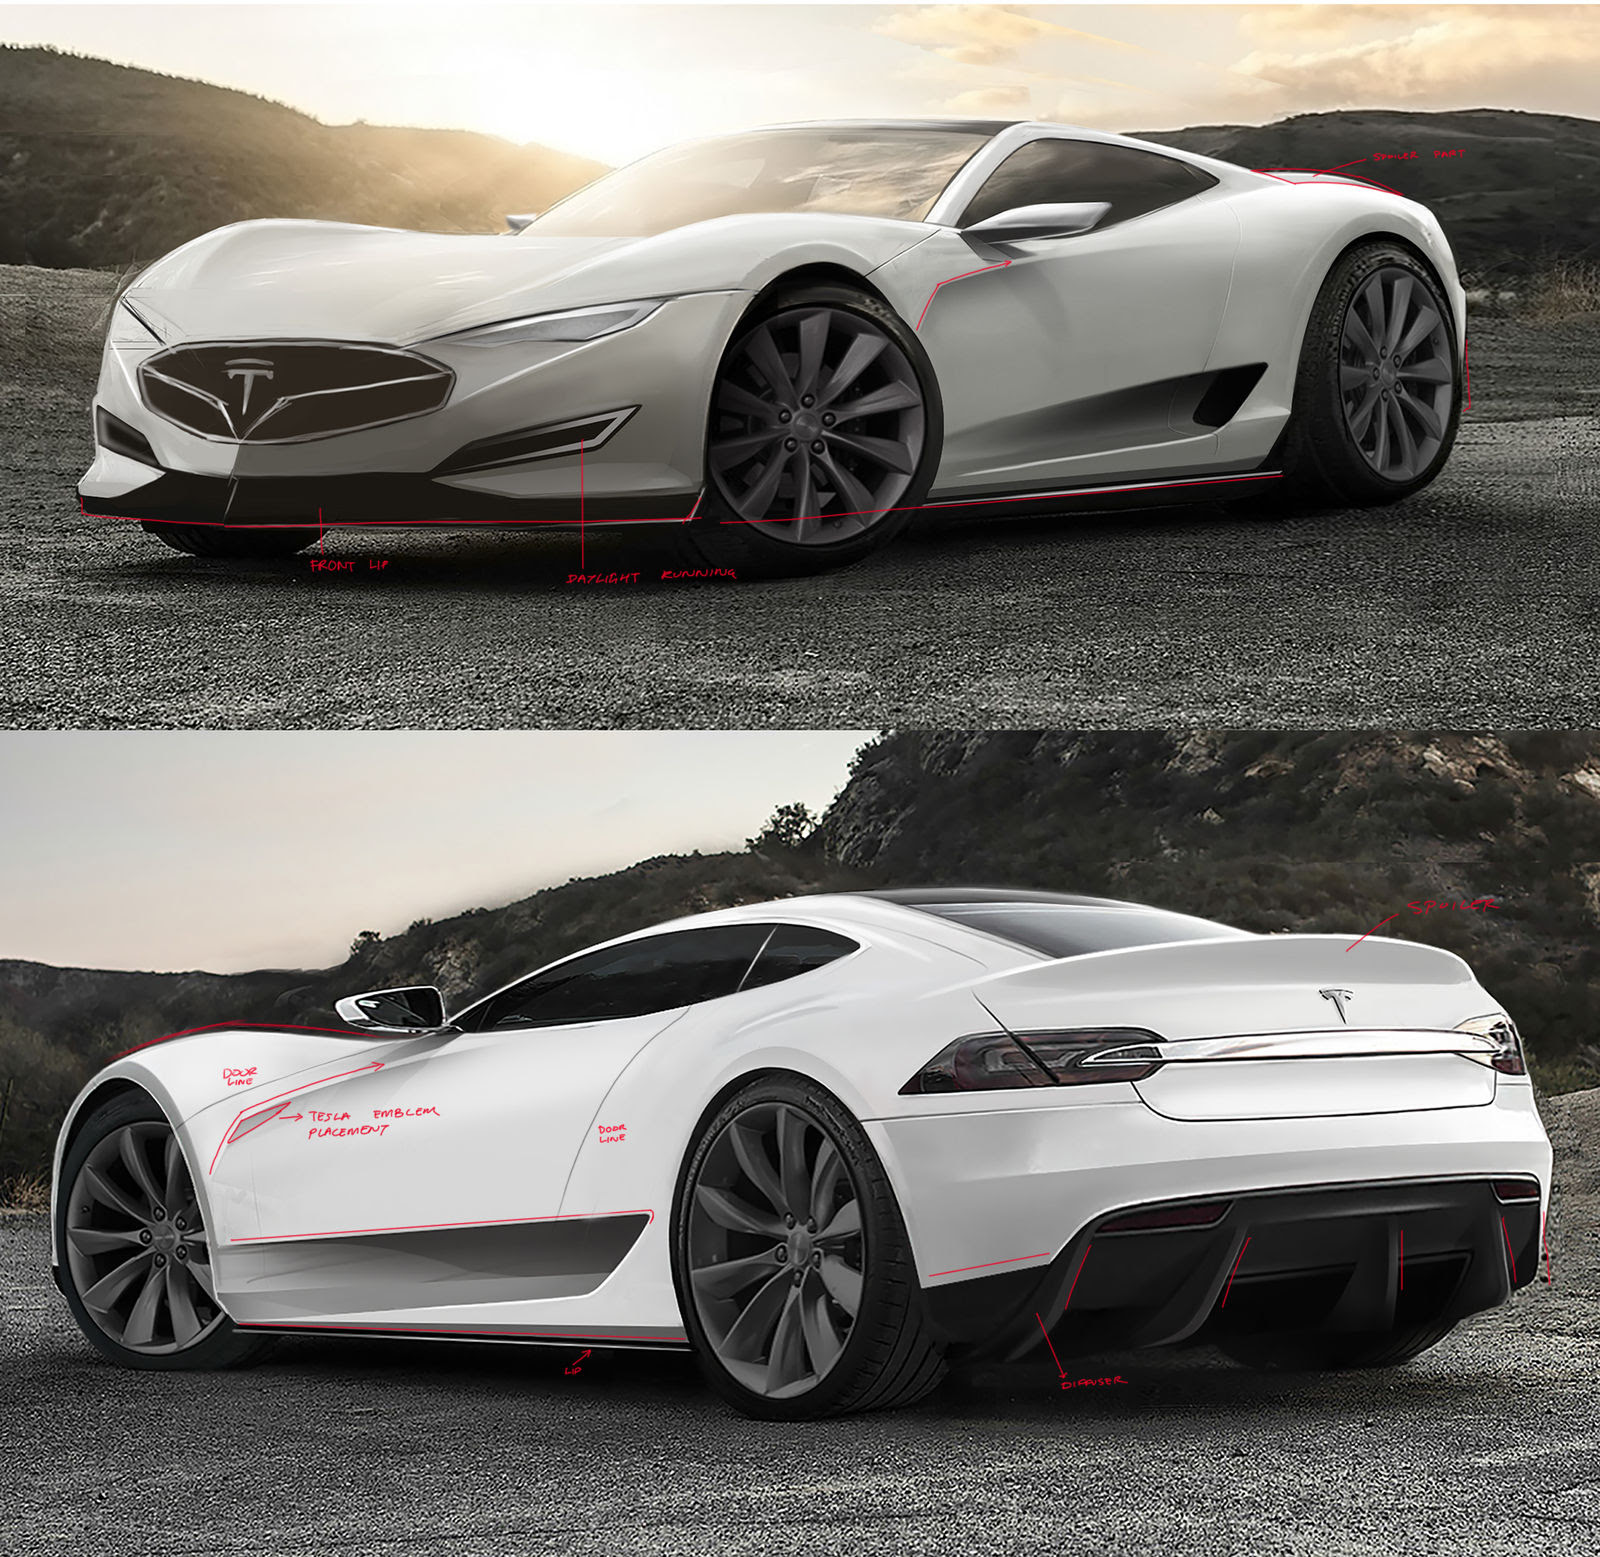 2016 Tesla Model R hypercar concept: design sketches | carwow